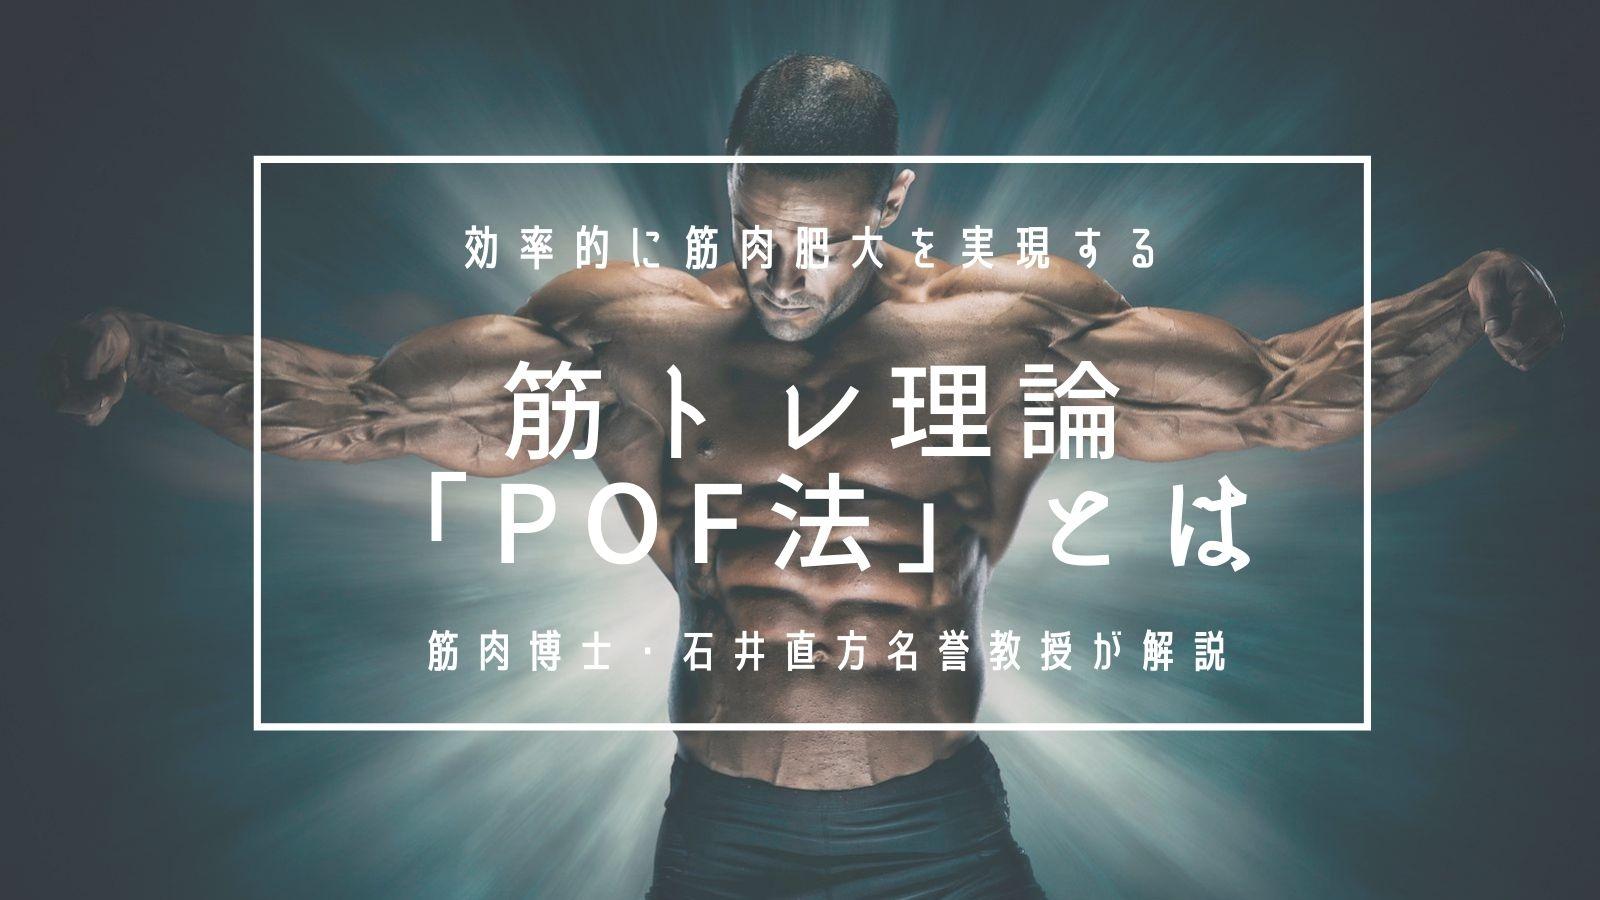 効率的に筋肉肥大を実現する筋トレ理論「POF法」とは。筋肉博士・石井直方名誉教授が解説